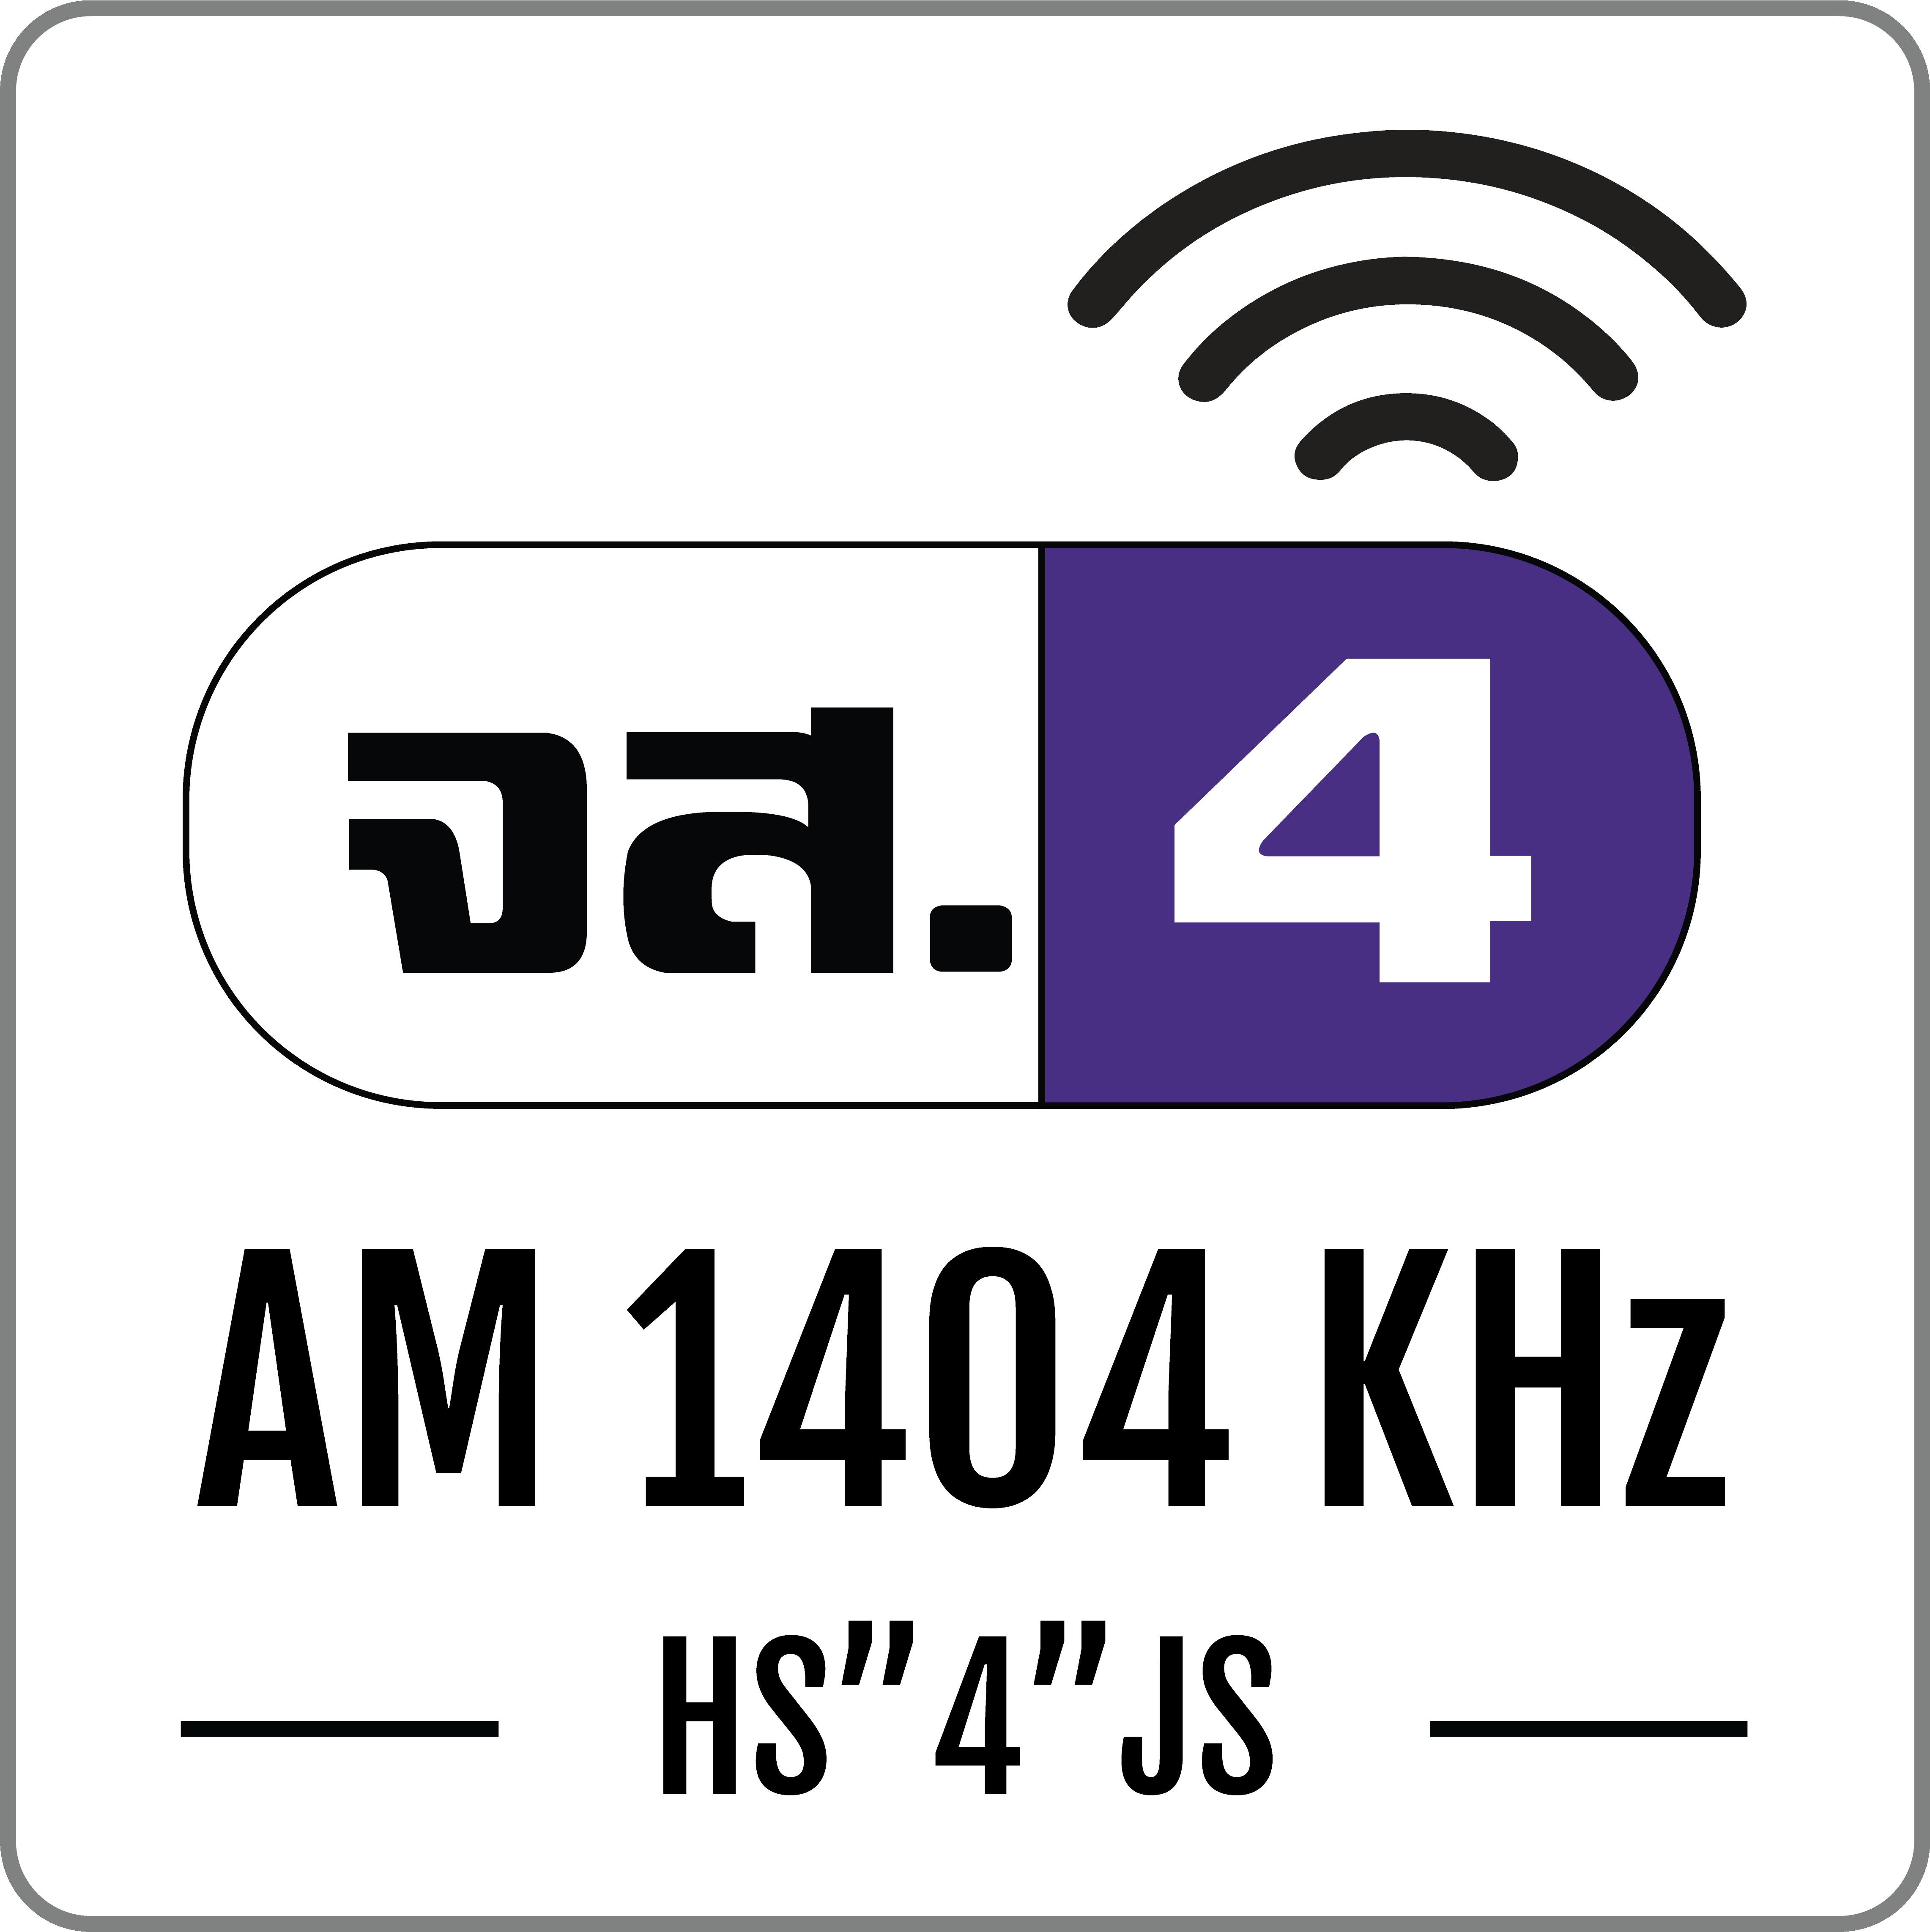 สถานีวิทยุจเรทหารสื่อสาร 4 AM ยโสธร